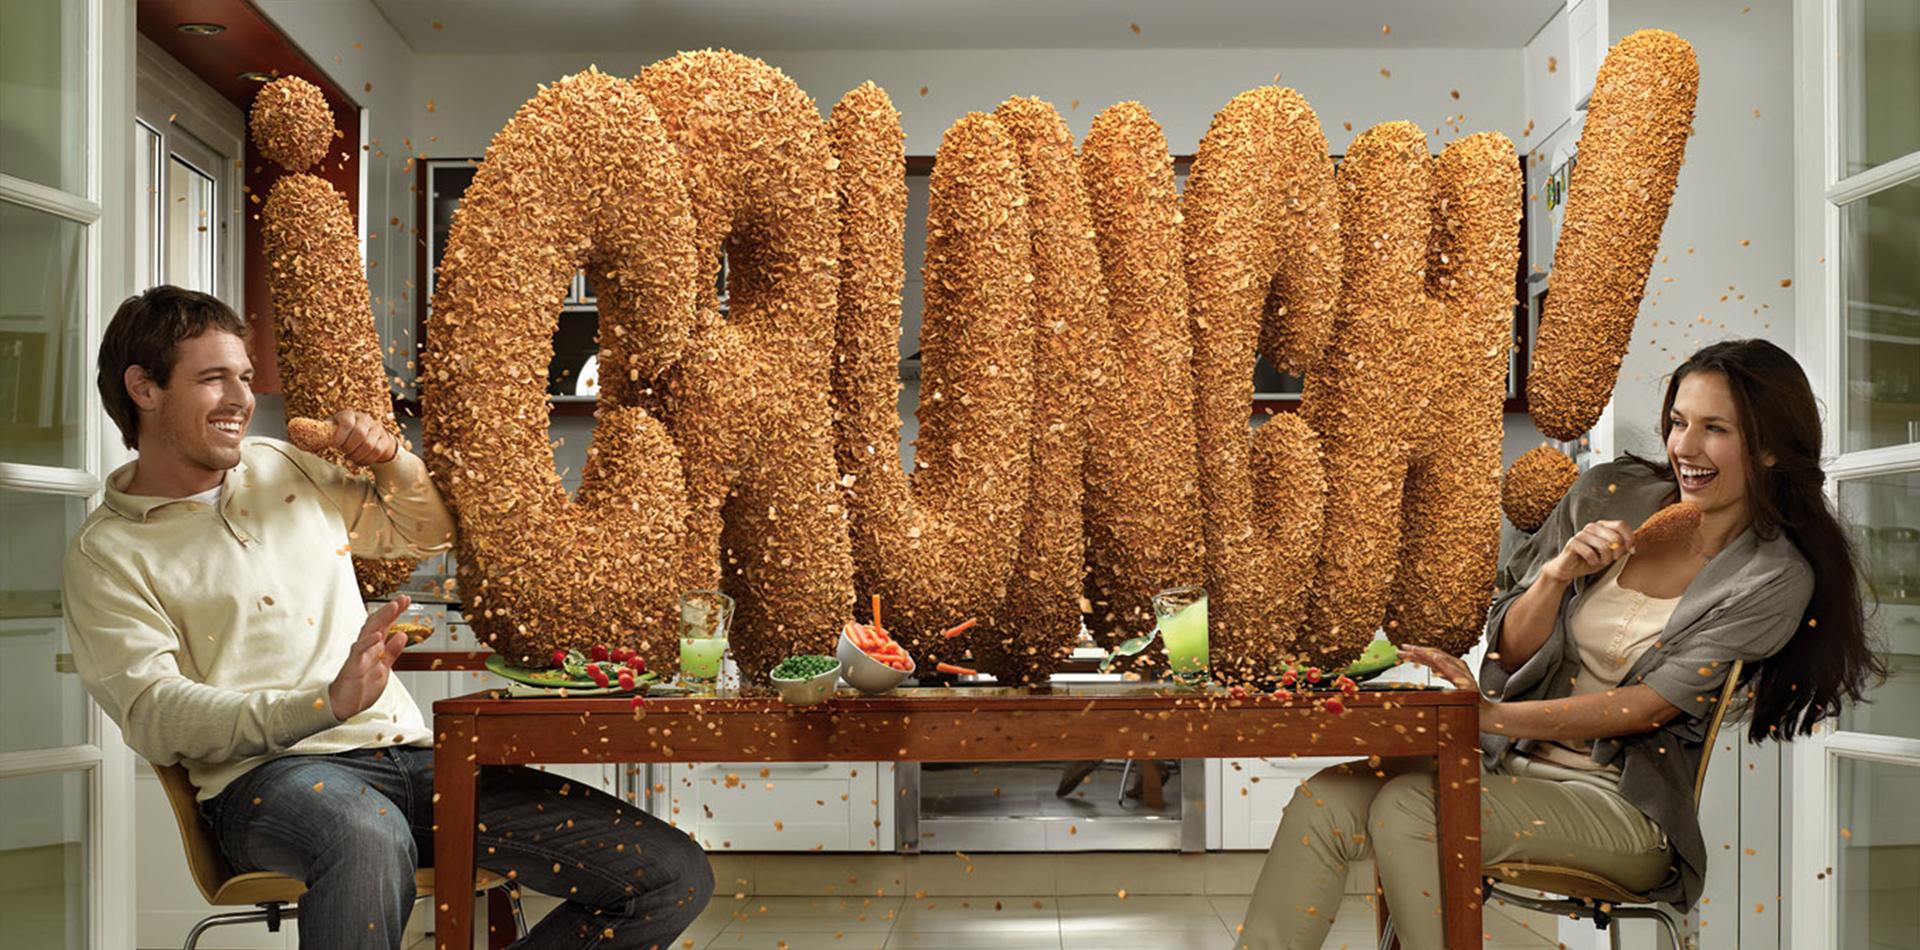 Bimbo Crunch